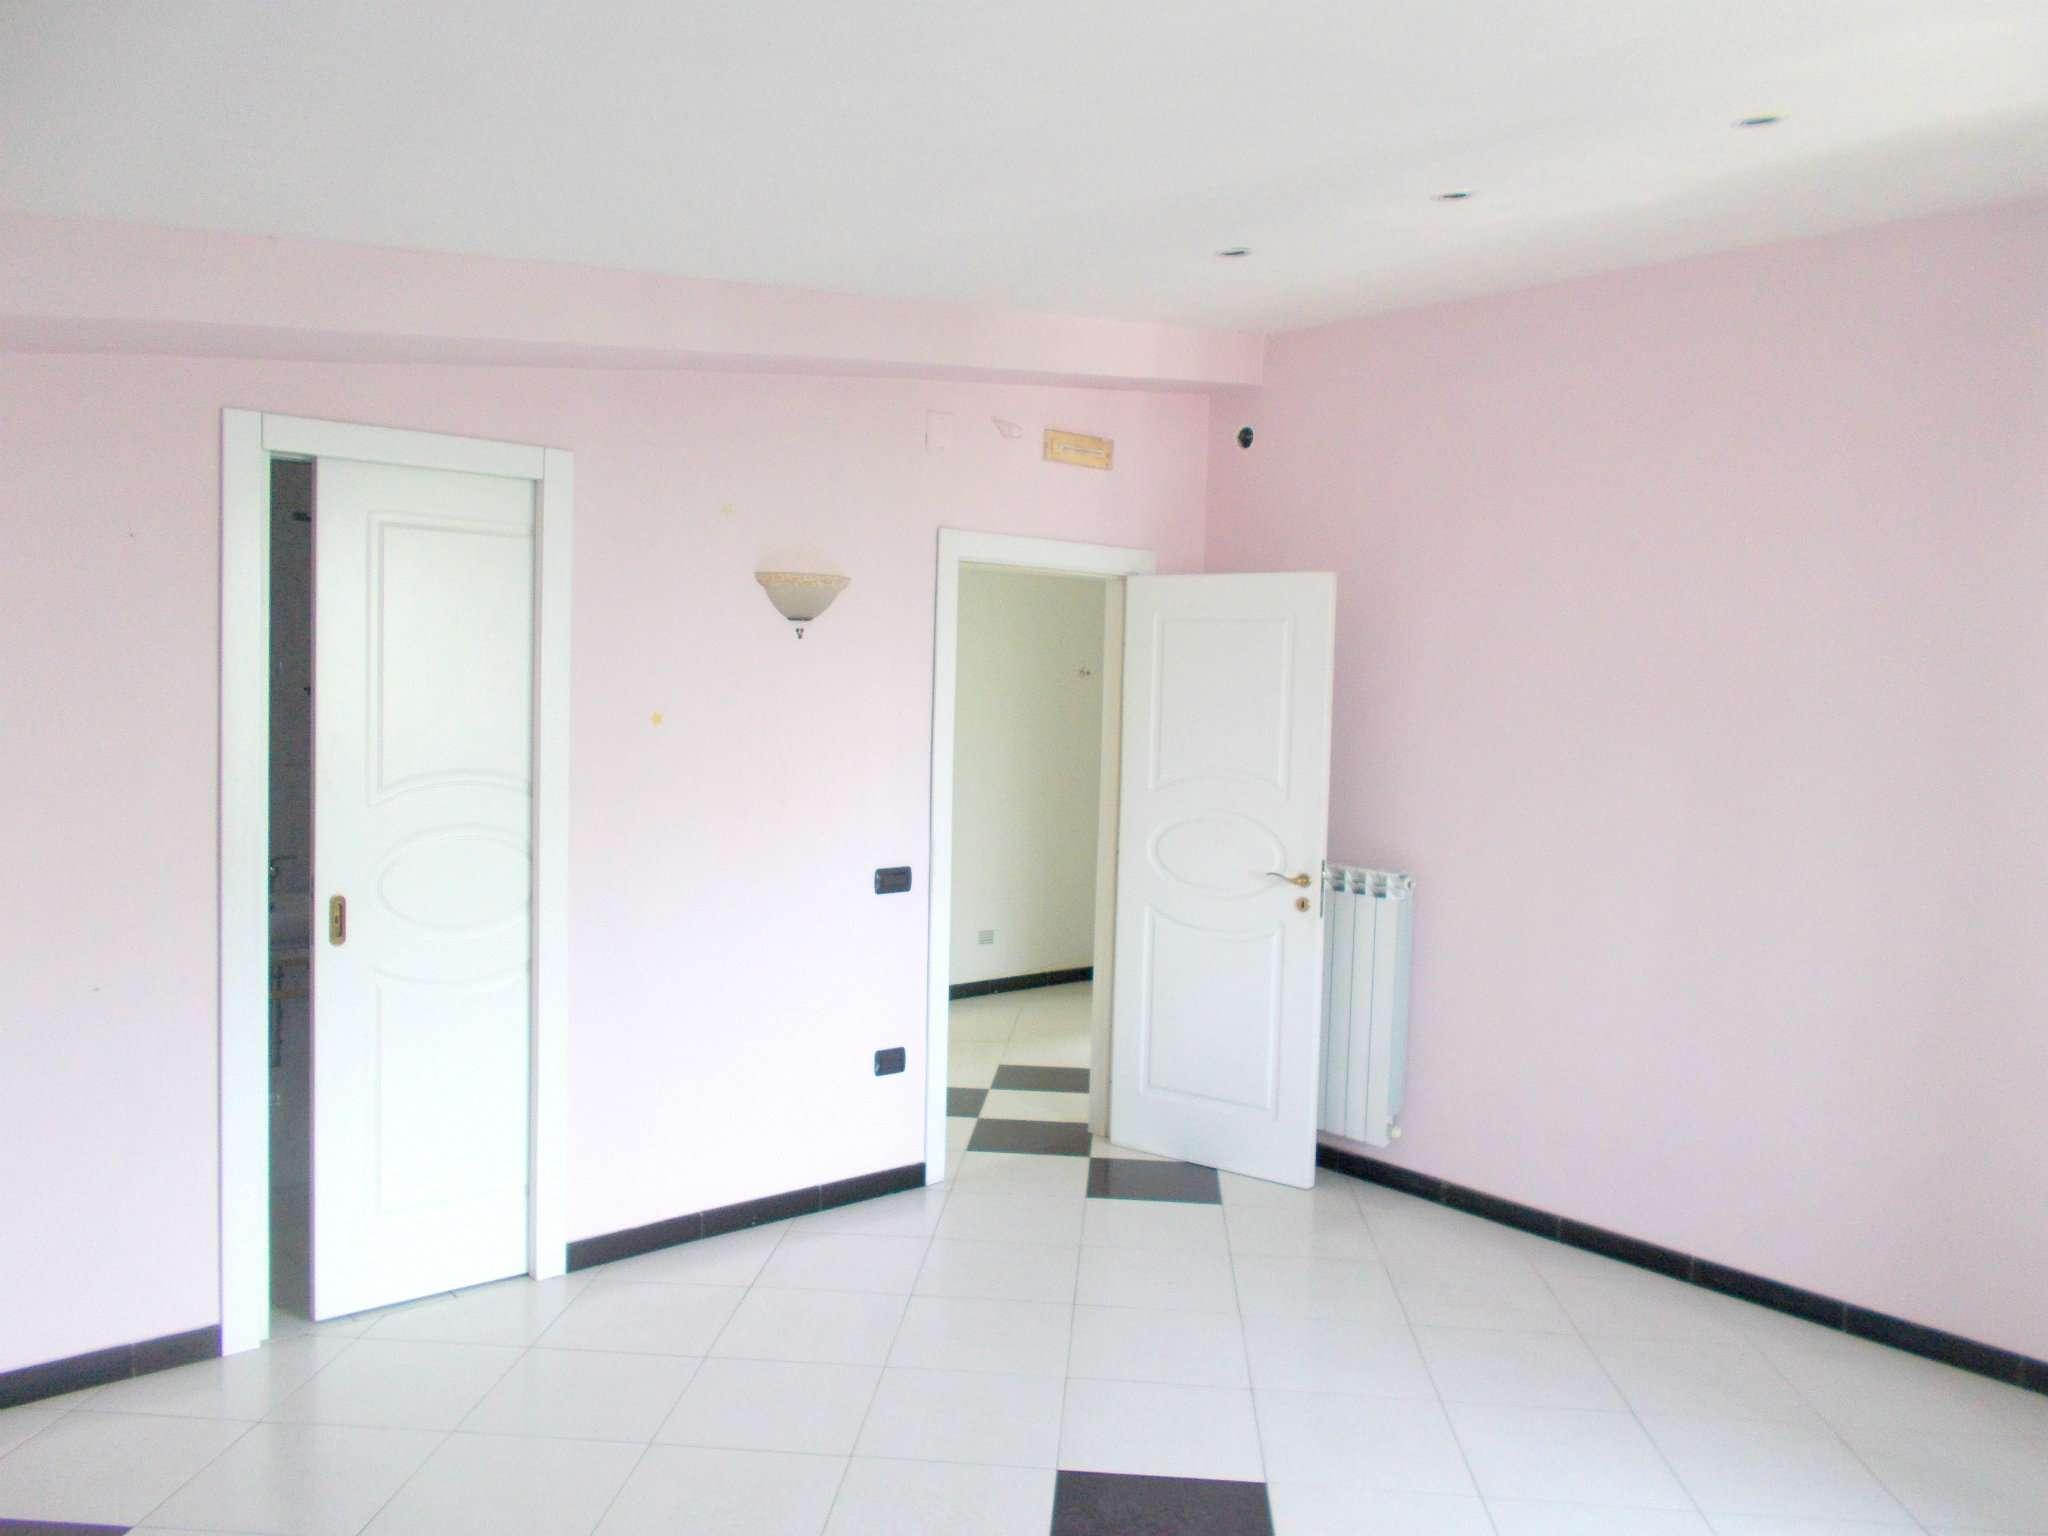 Appartamento in vendita a Arienzo, 4 locali, prezzo € 65.000 | CambioCasa.it